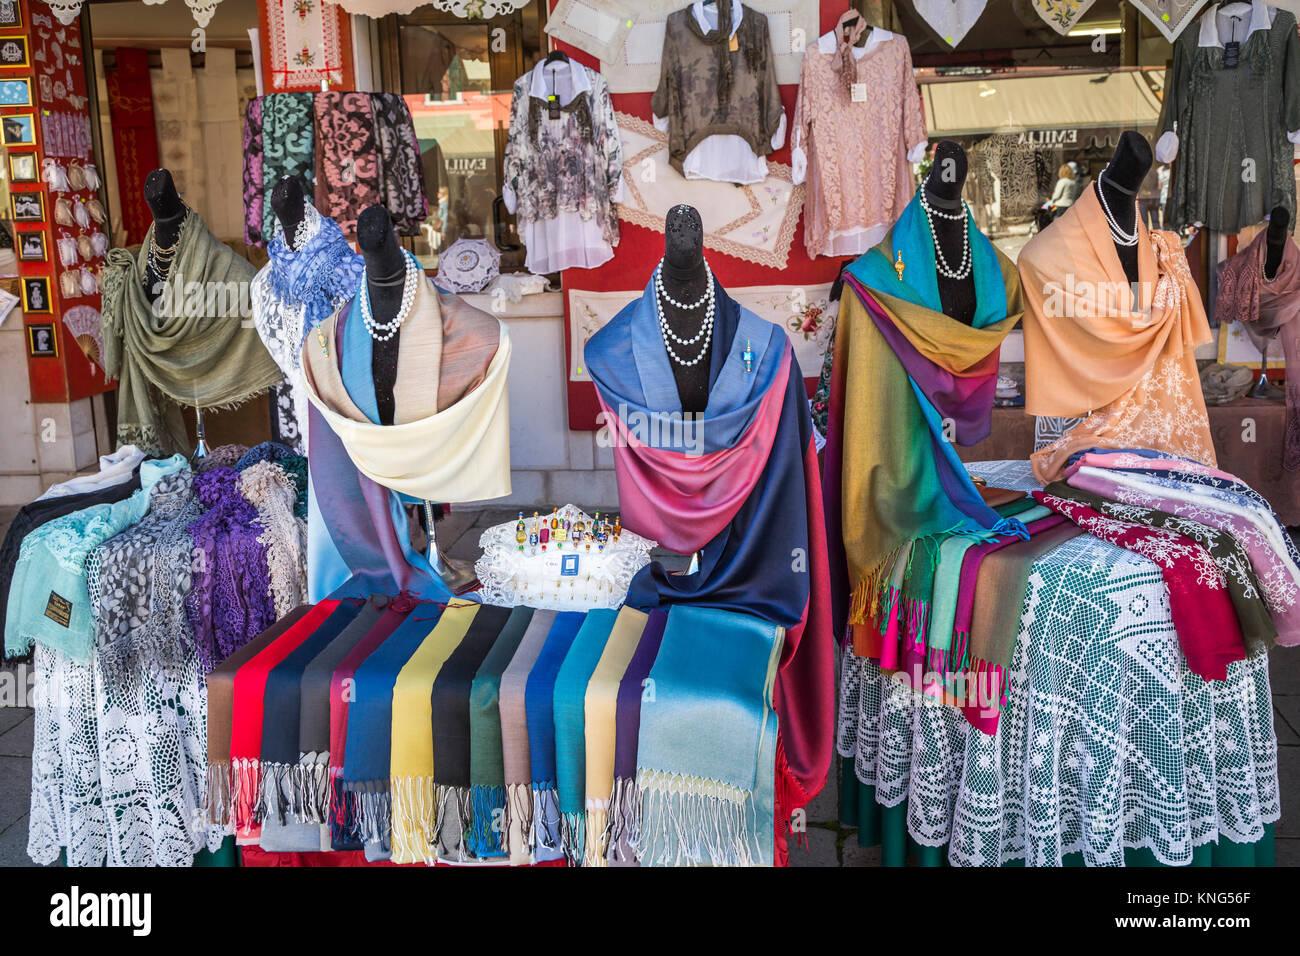 Un laccio shop display nel villaggio veneziano di Burano, Venezia, Italia, Europa. Immagini Stock